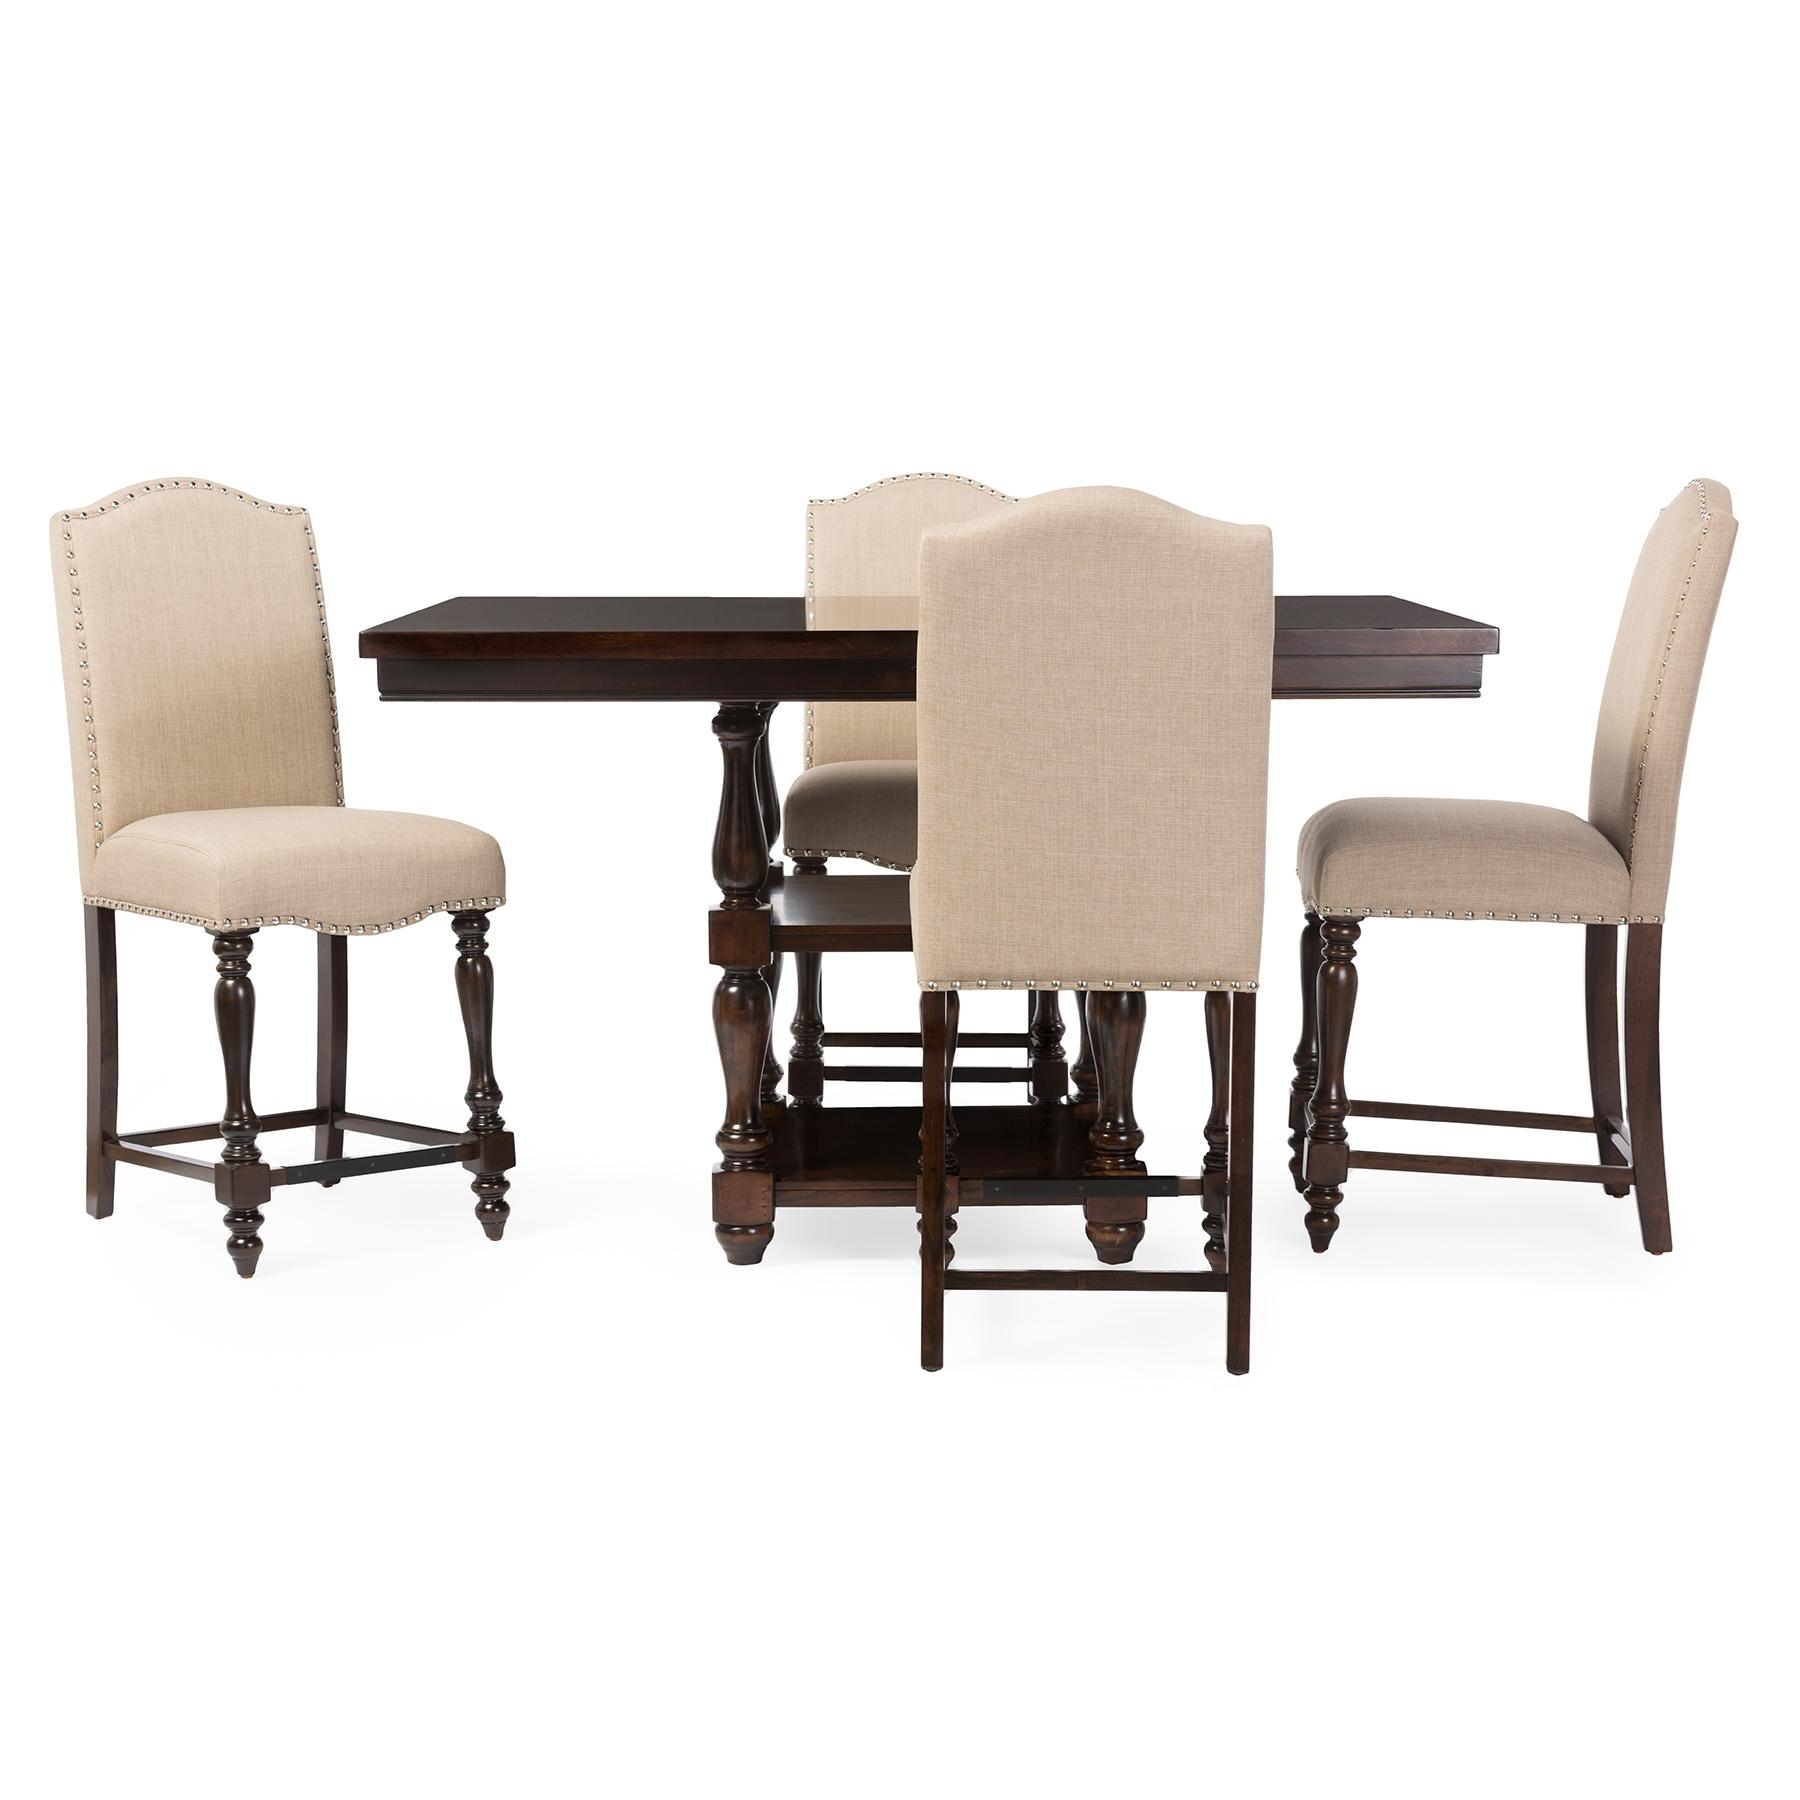 Baxton Studio   Wholesale Bar Sets   Wholesale Dining Room Furniture   Baxton  Studio Furniture